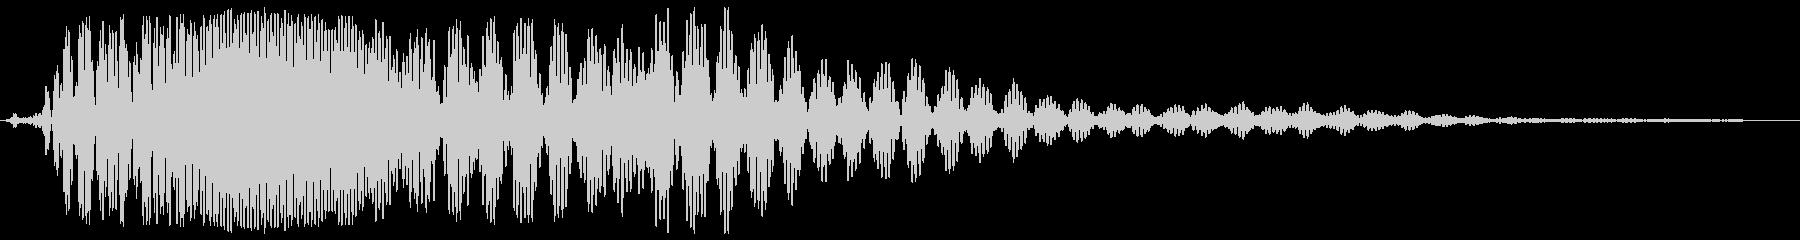 モンスターの声(ゴーワーァ)の未再生の波形